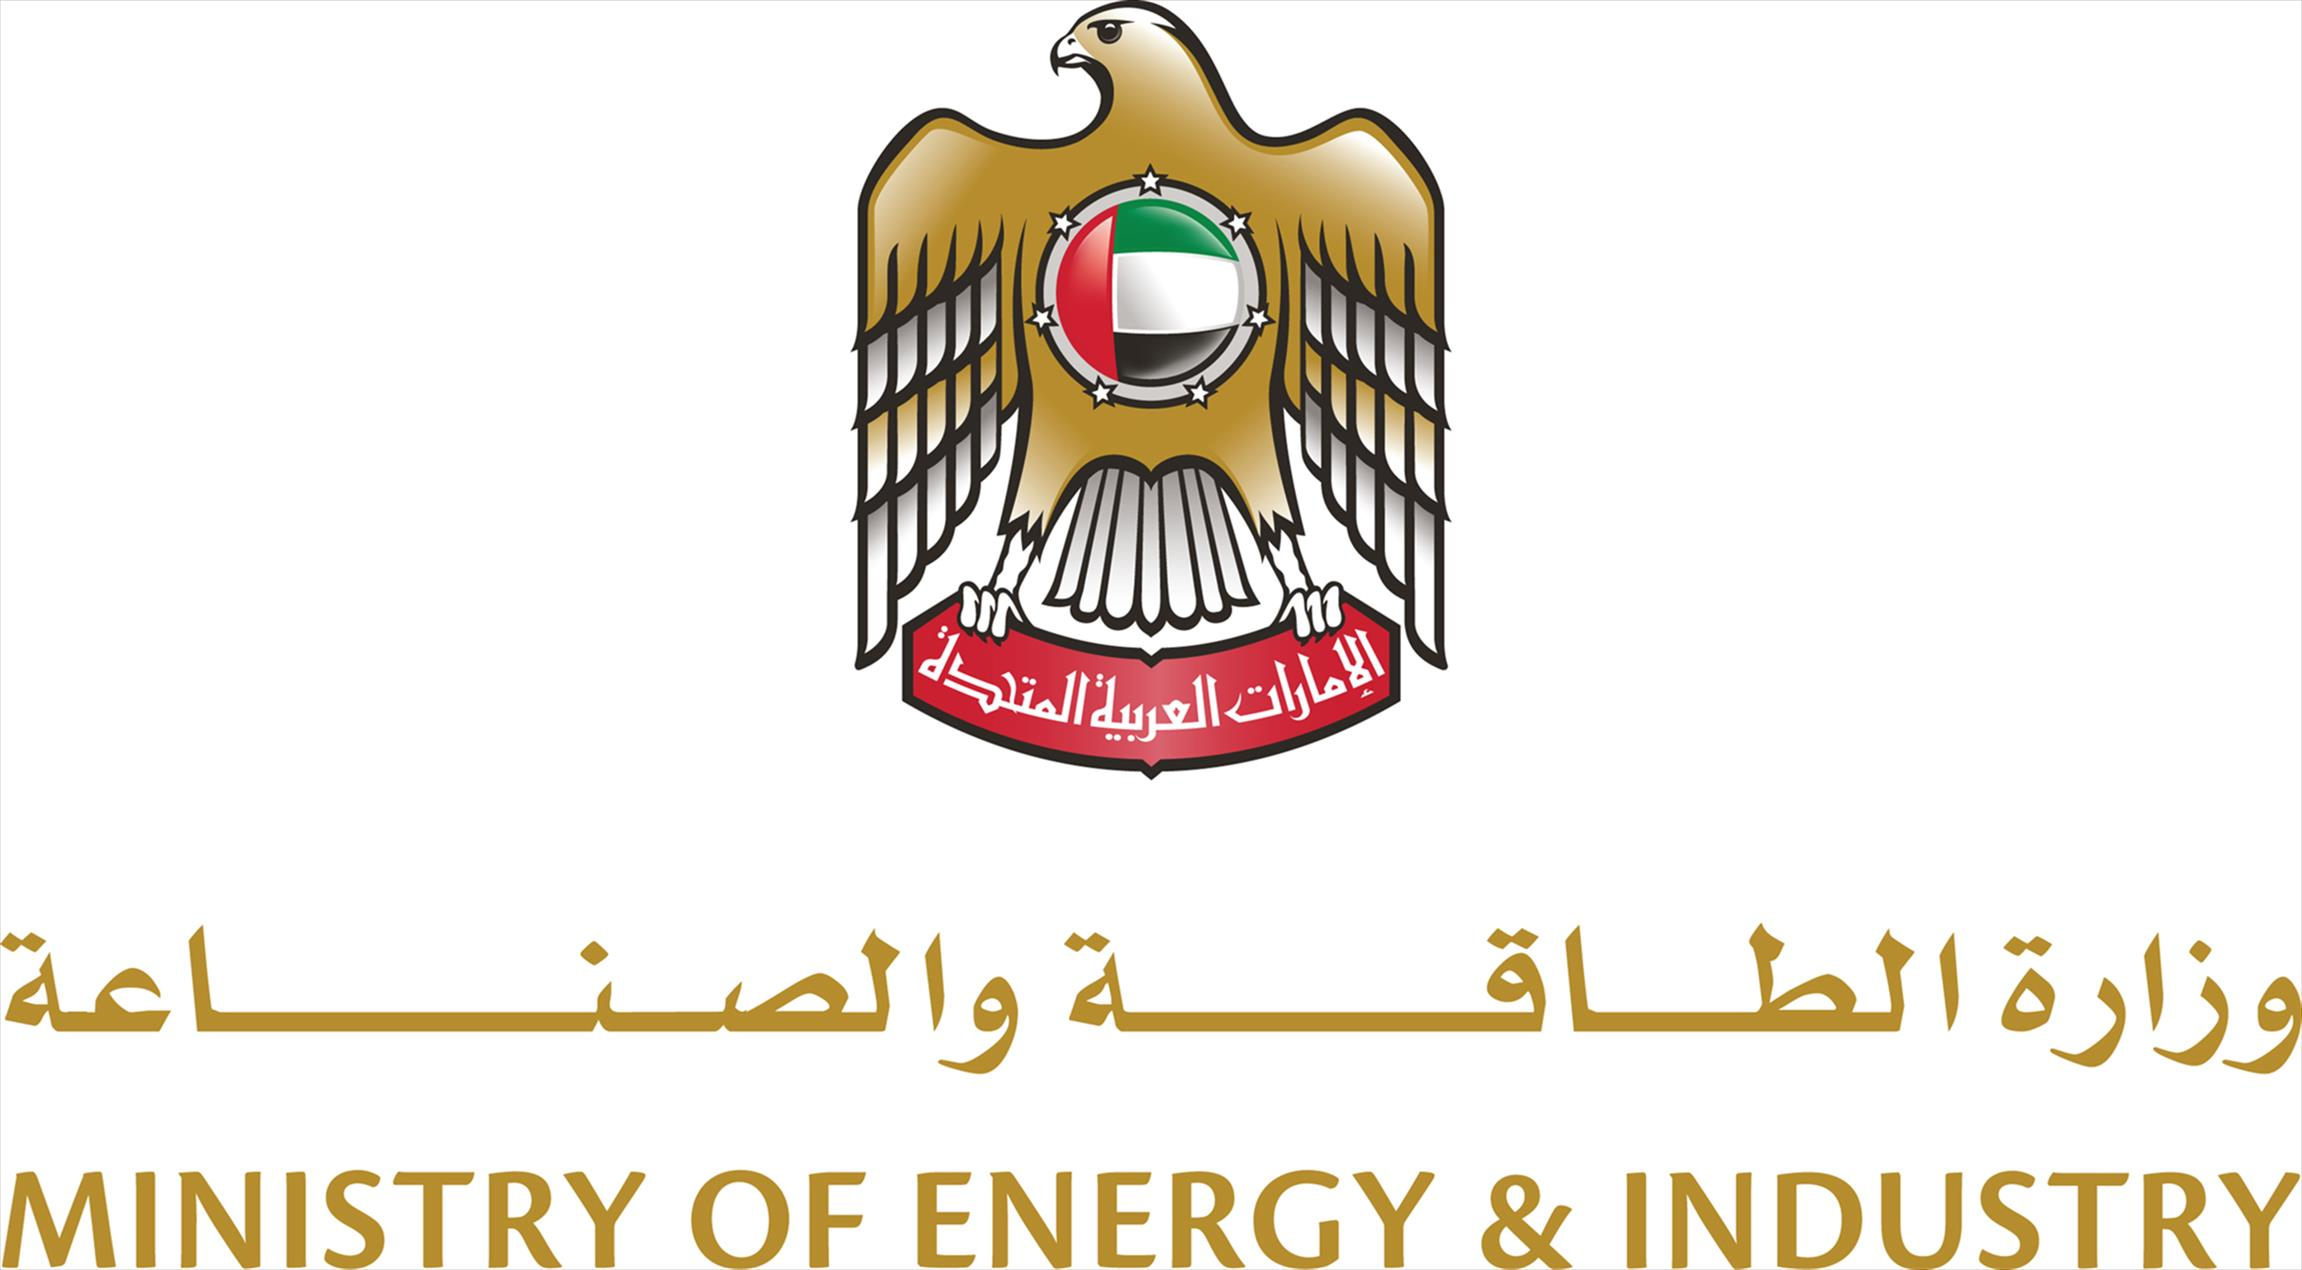 الإنسان في استراتيجية الإمارات للثورة الصناعية الرابعة